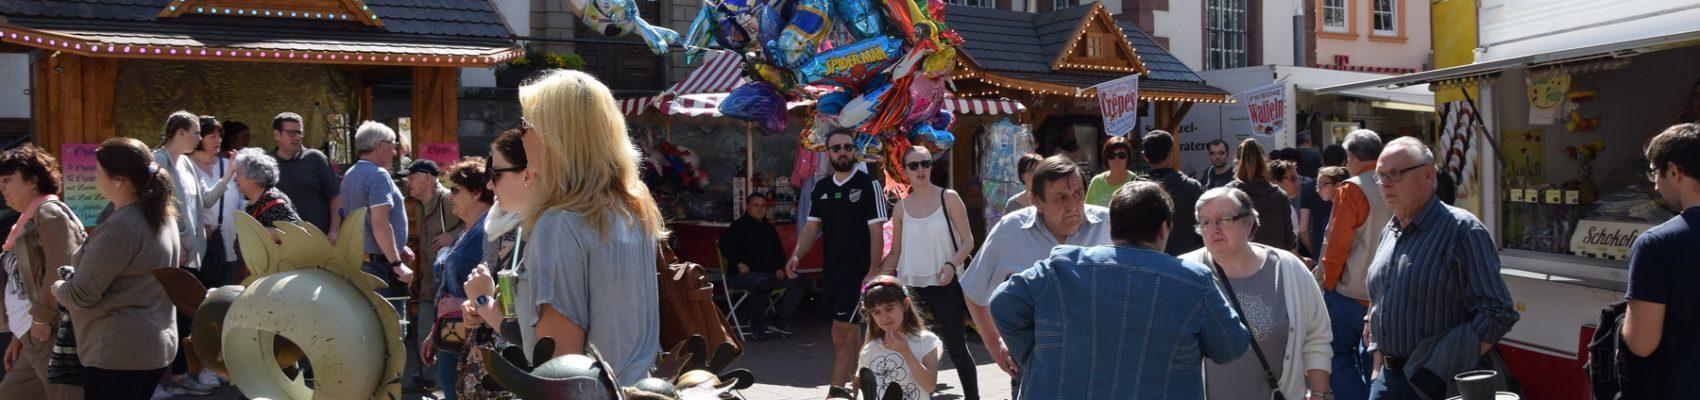 Frühlingsfest in der Fußgängerzone